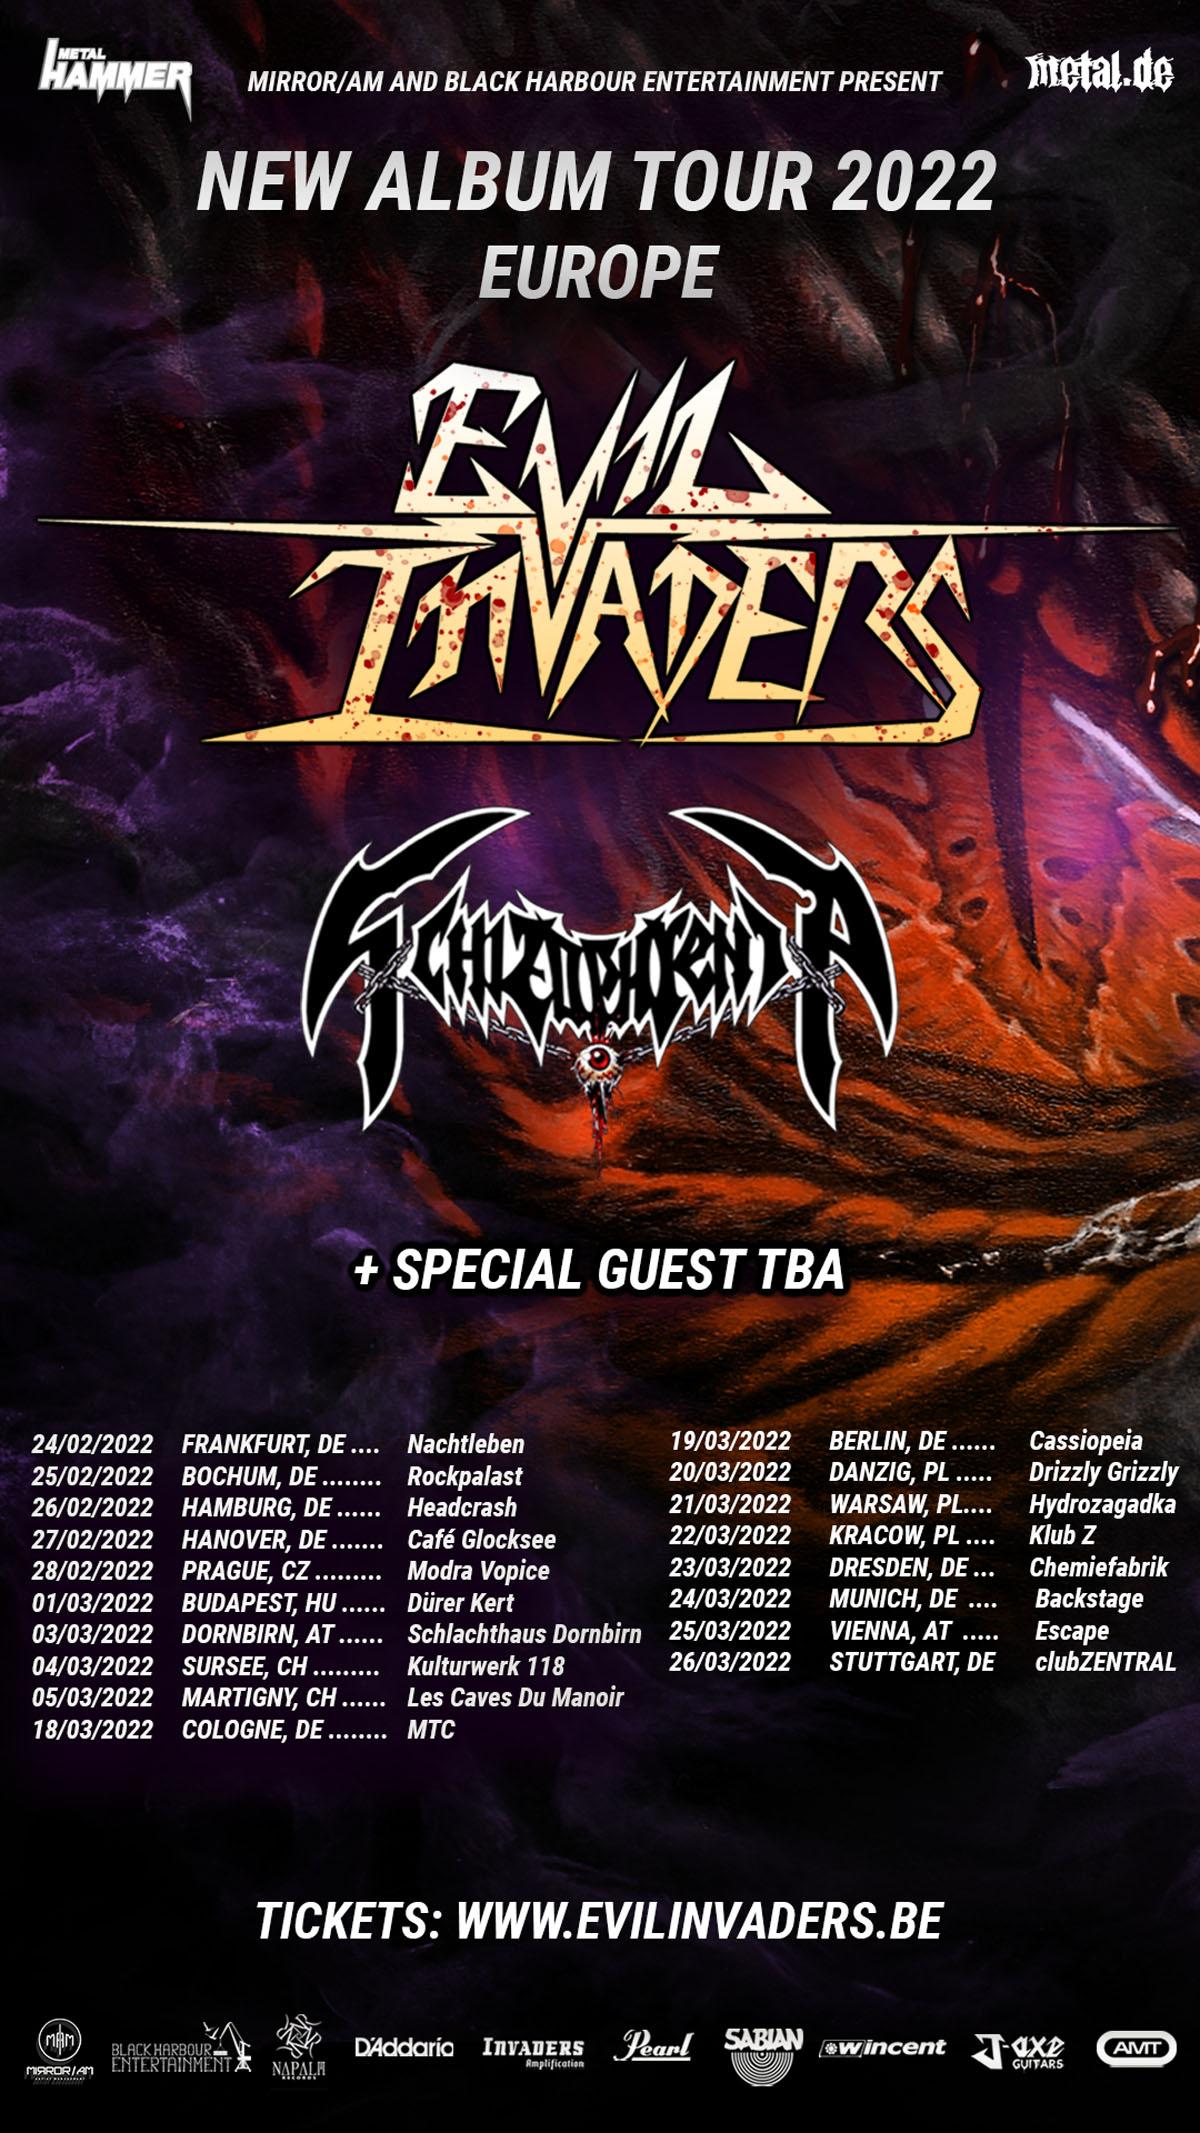 Evil Invaders New Album Tour 2022